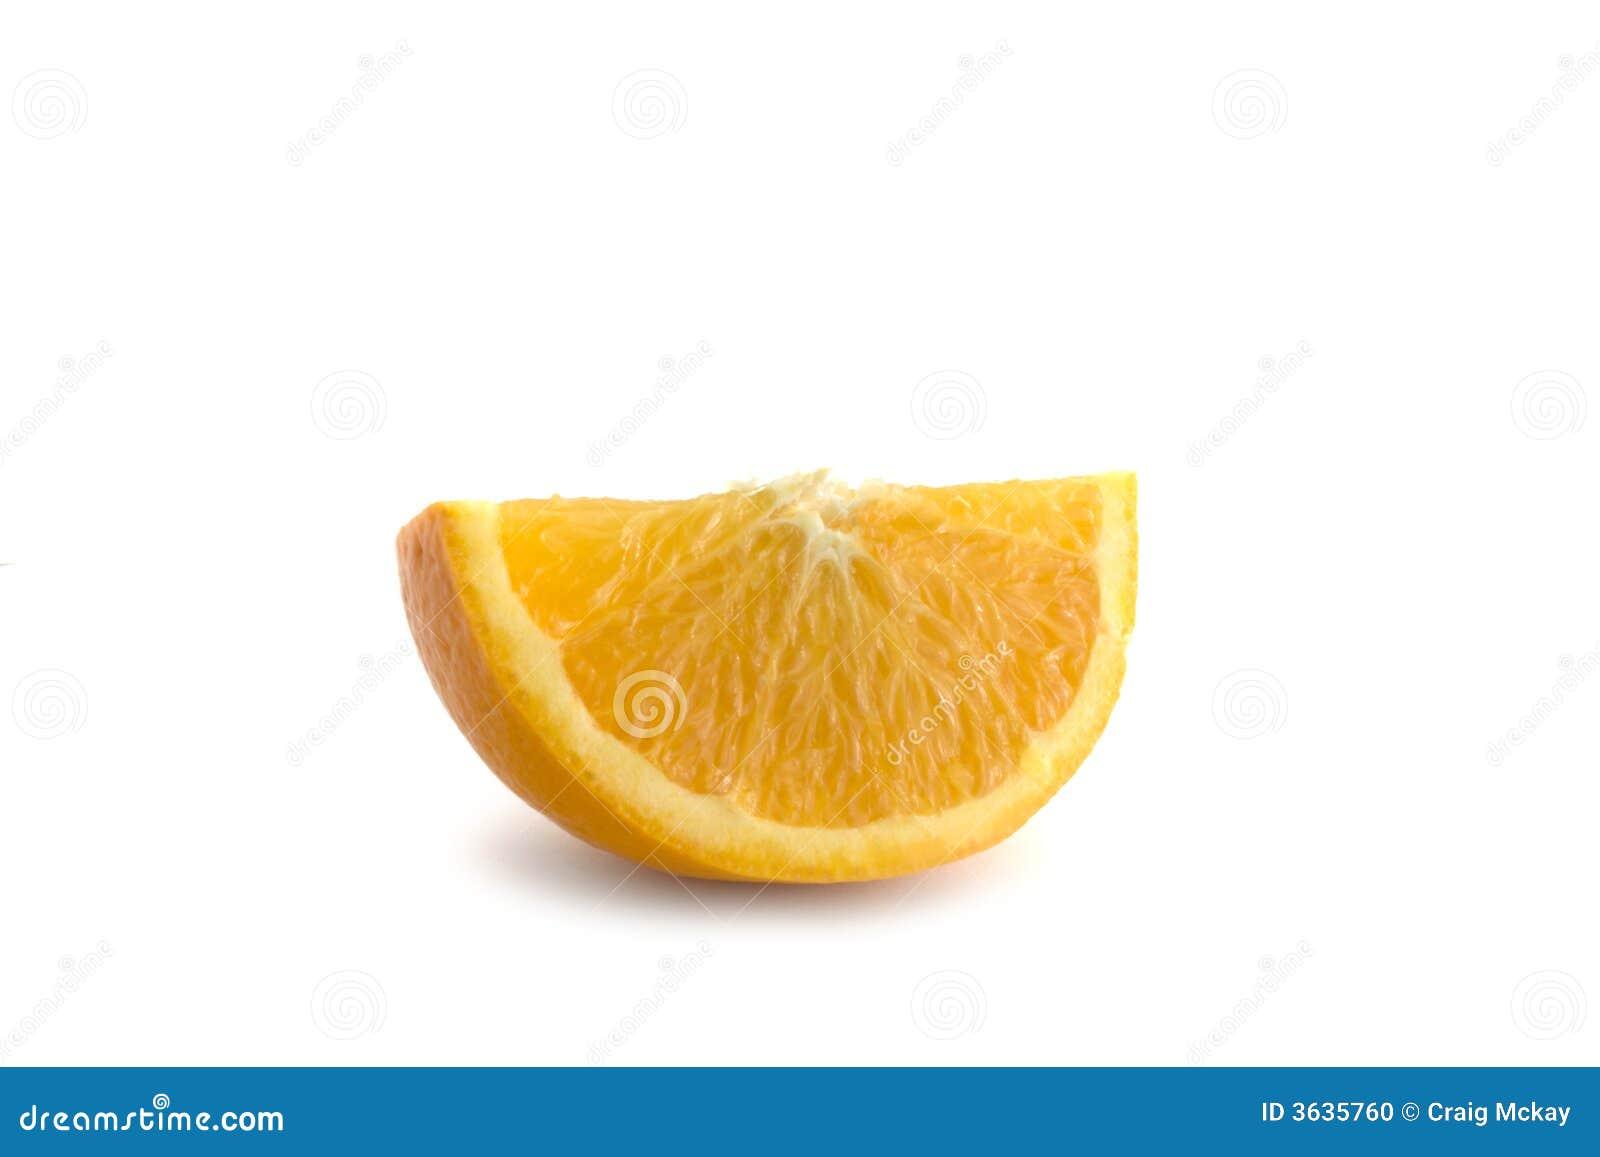 Isolated orange segment